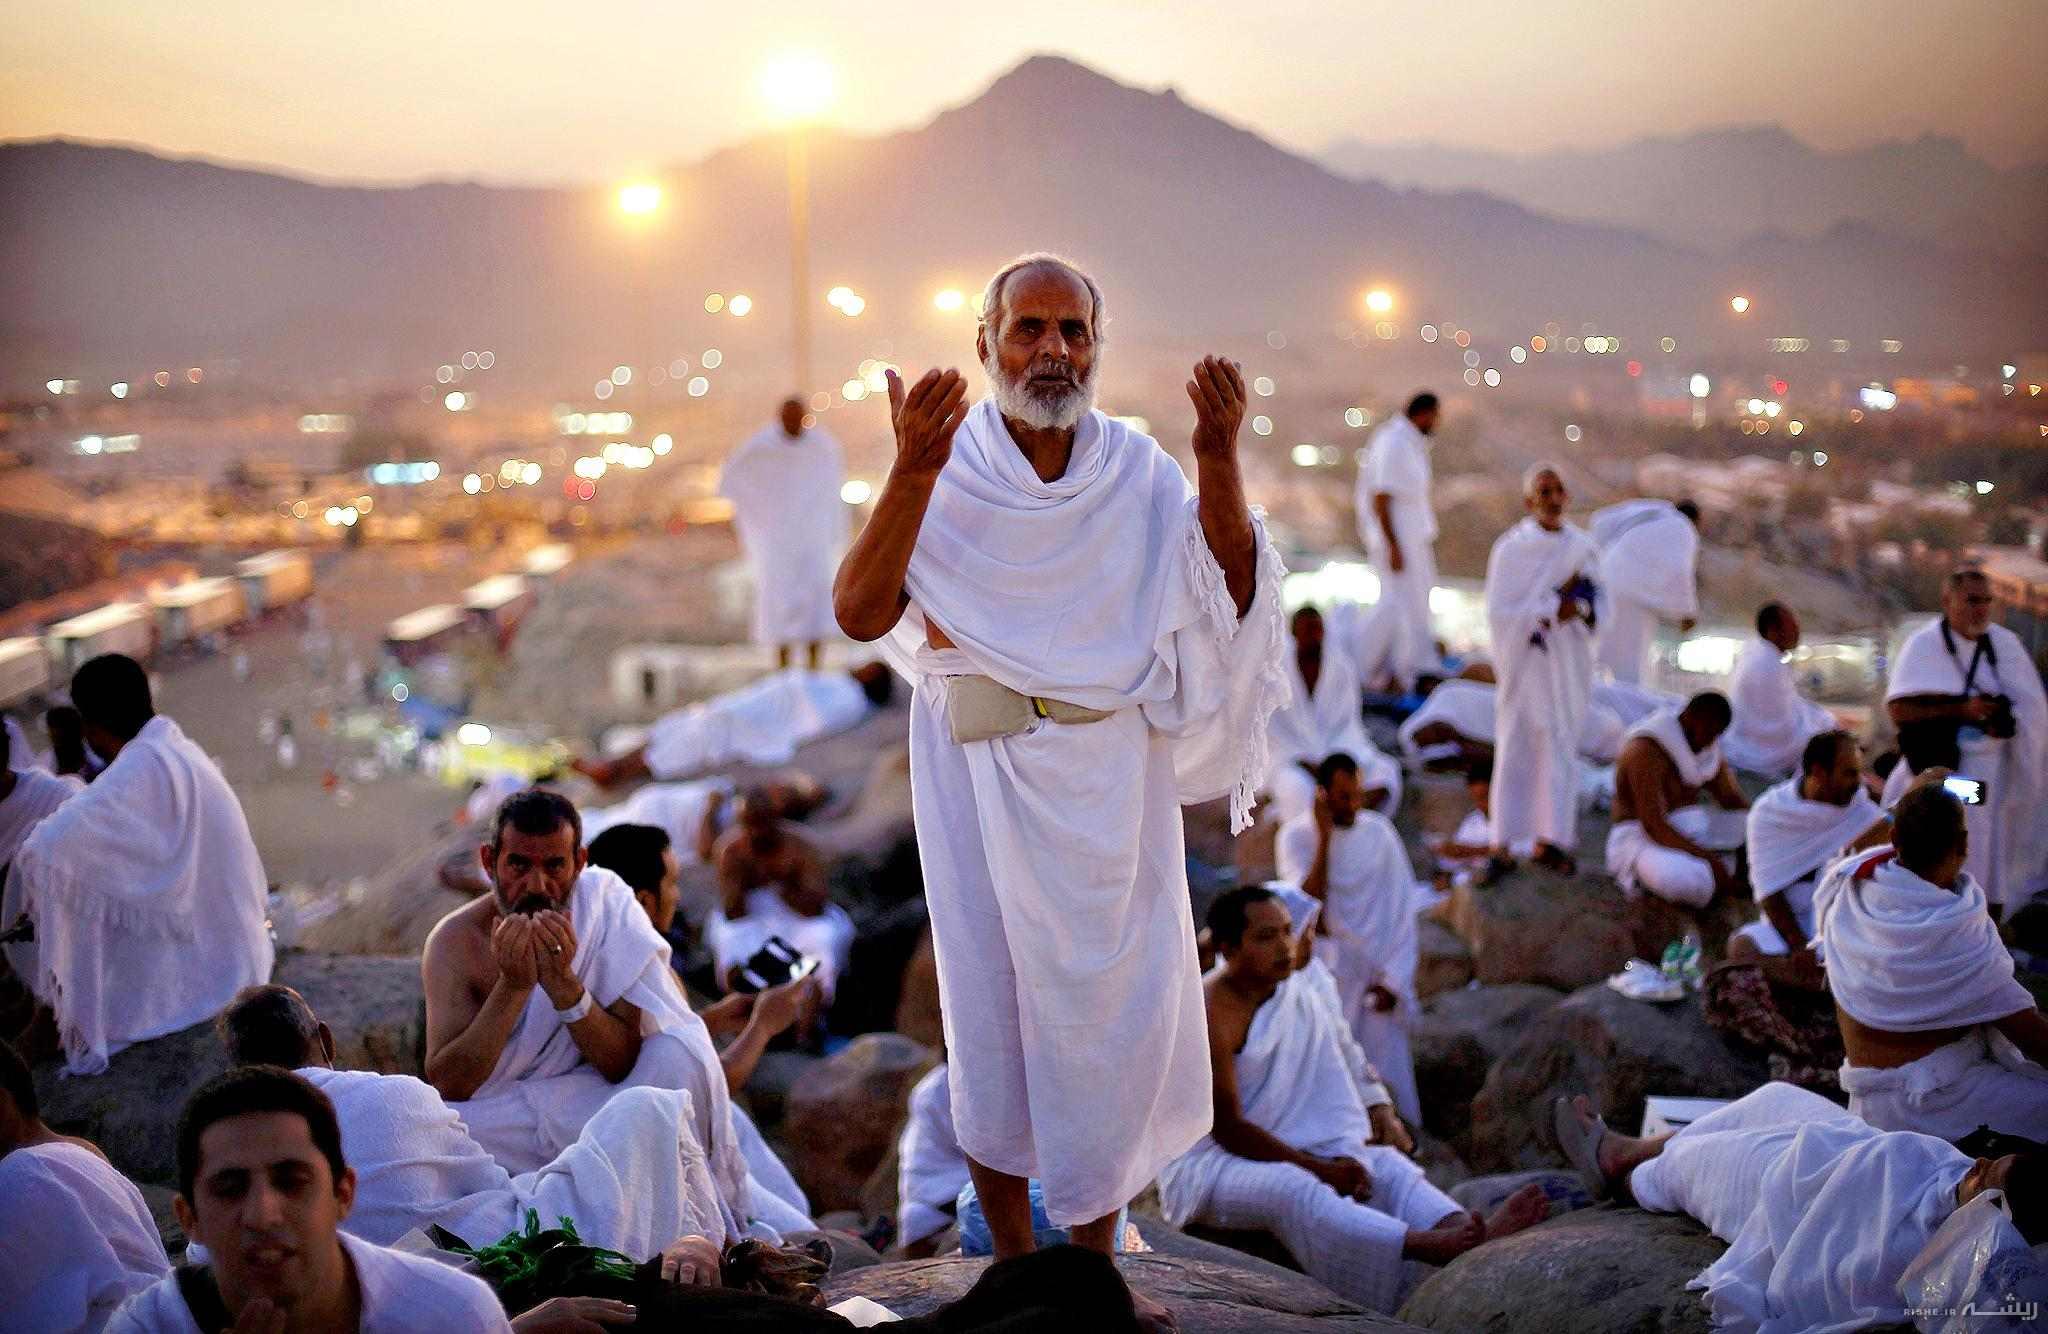 «وقوف حجاج» در صحرای عرفات و مشعرالحرام؛ راز این وقوف در چیست؟